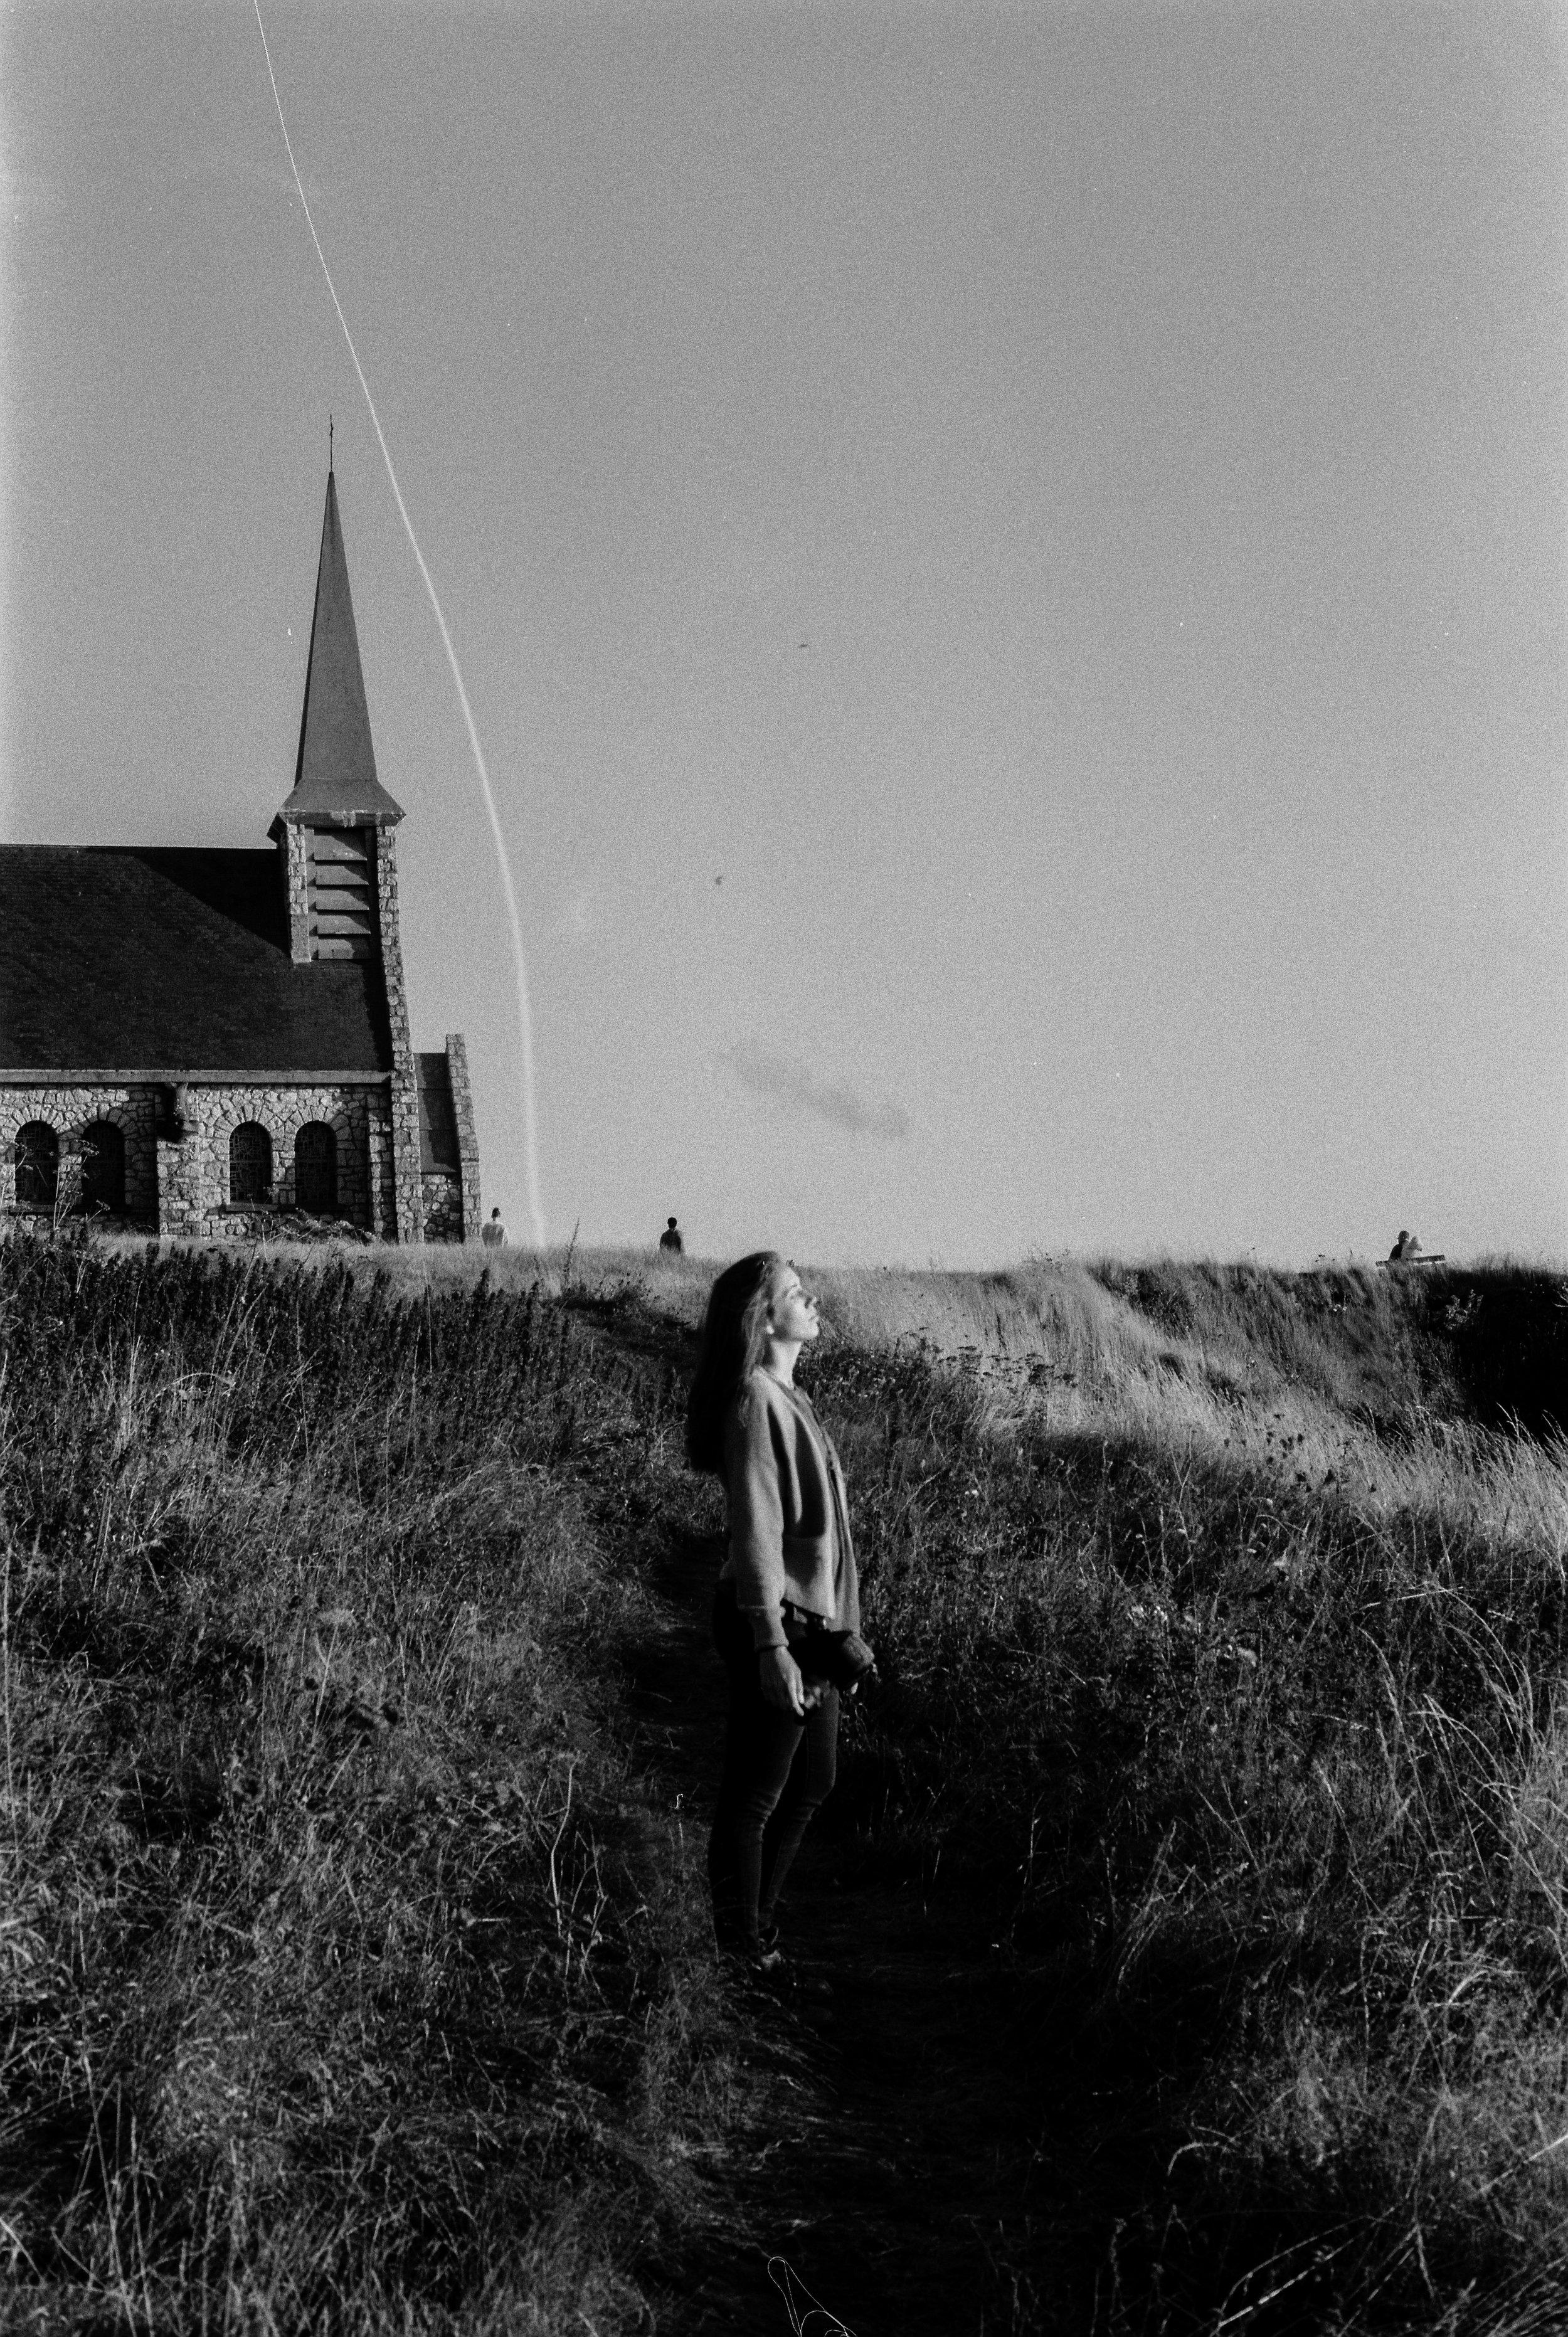 TaraShupe_NormandyFrance_MinoltaFilm_Vintage_017.jpg